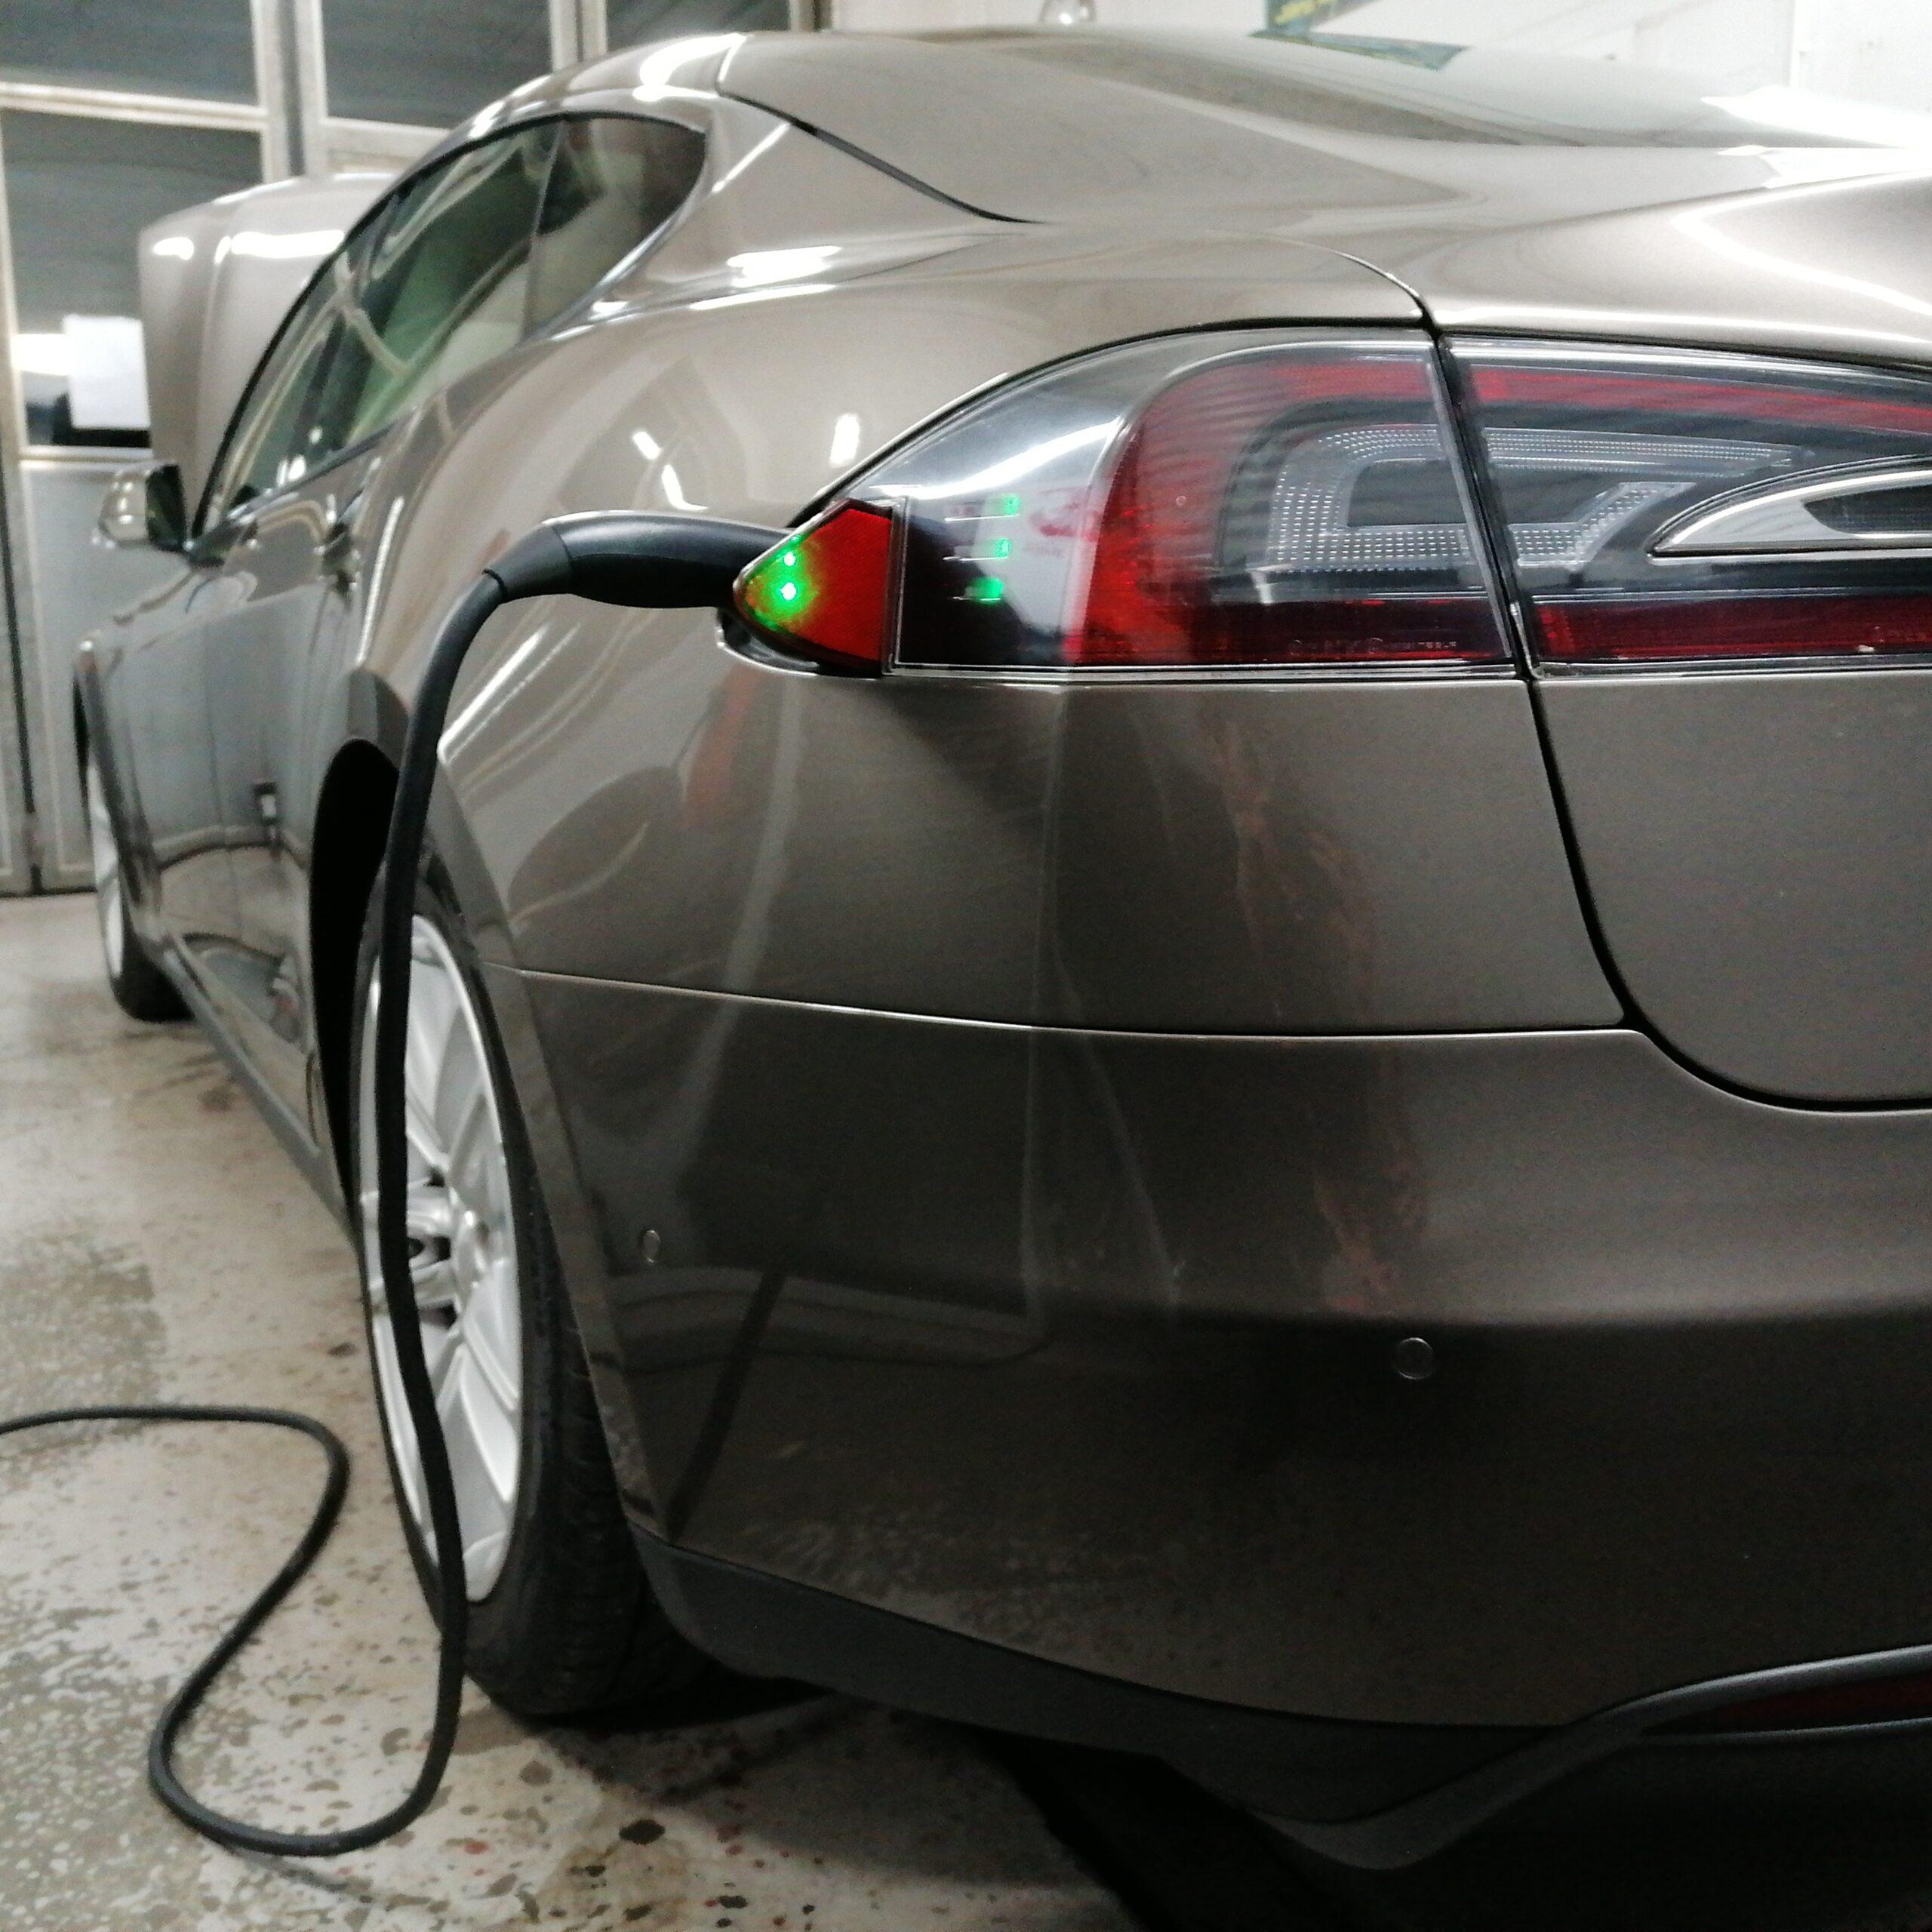 Schäden an deinem Elektro- oder Hybridfahrzeug reparieren wir im Handumdrehen schnell und professionell.